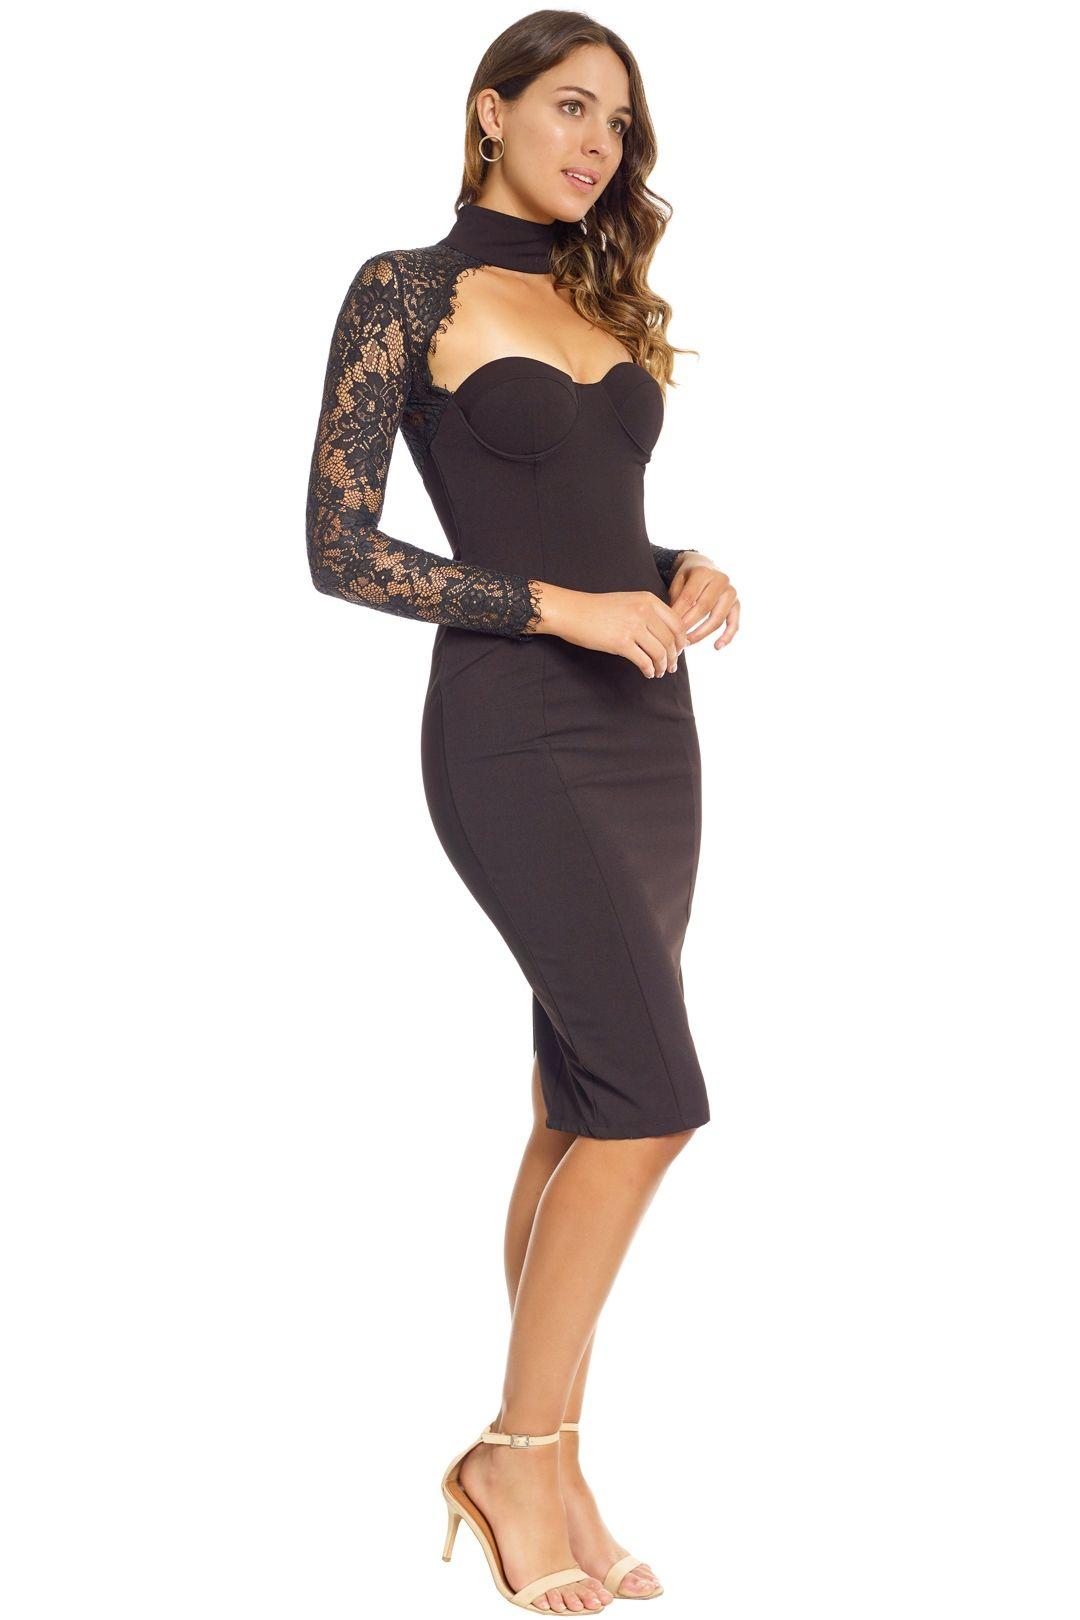 Misha Collection - Carolena Dress - Side - Black